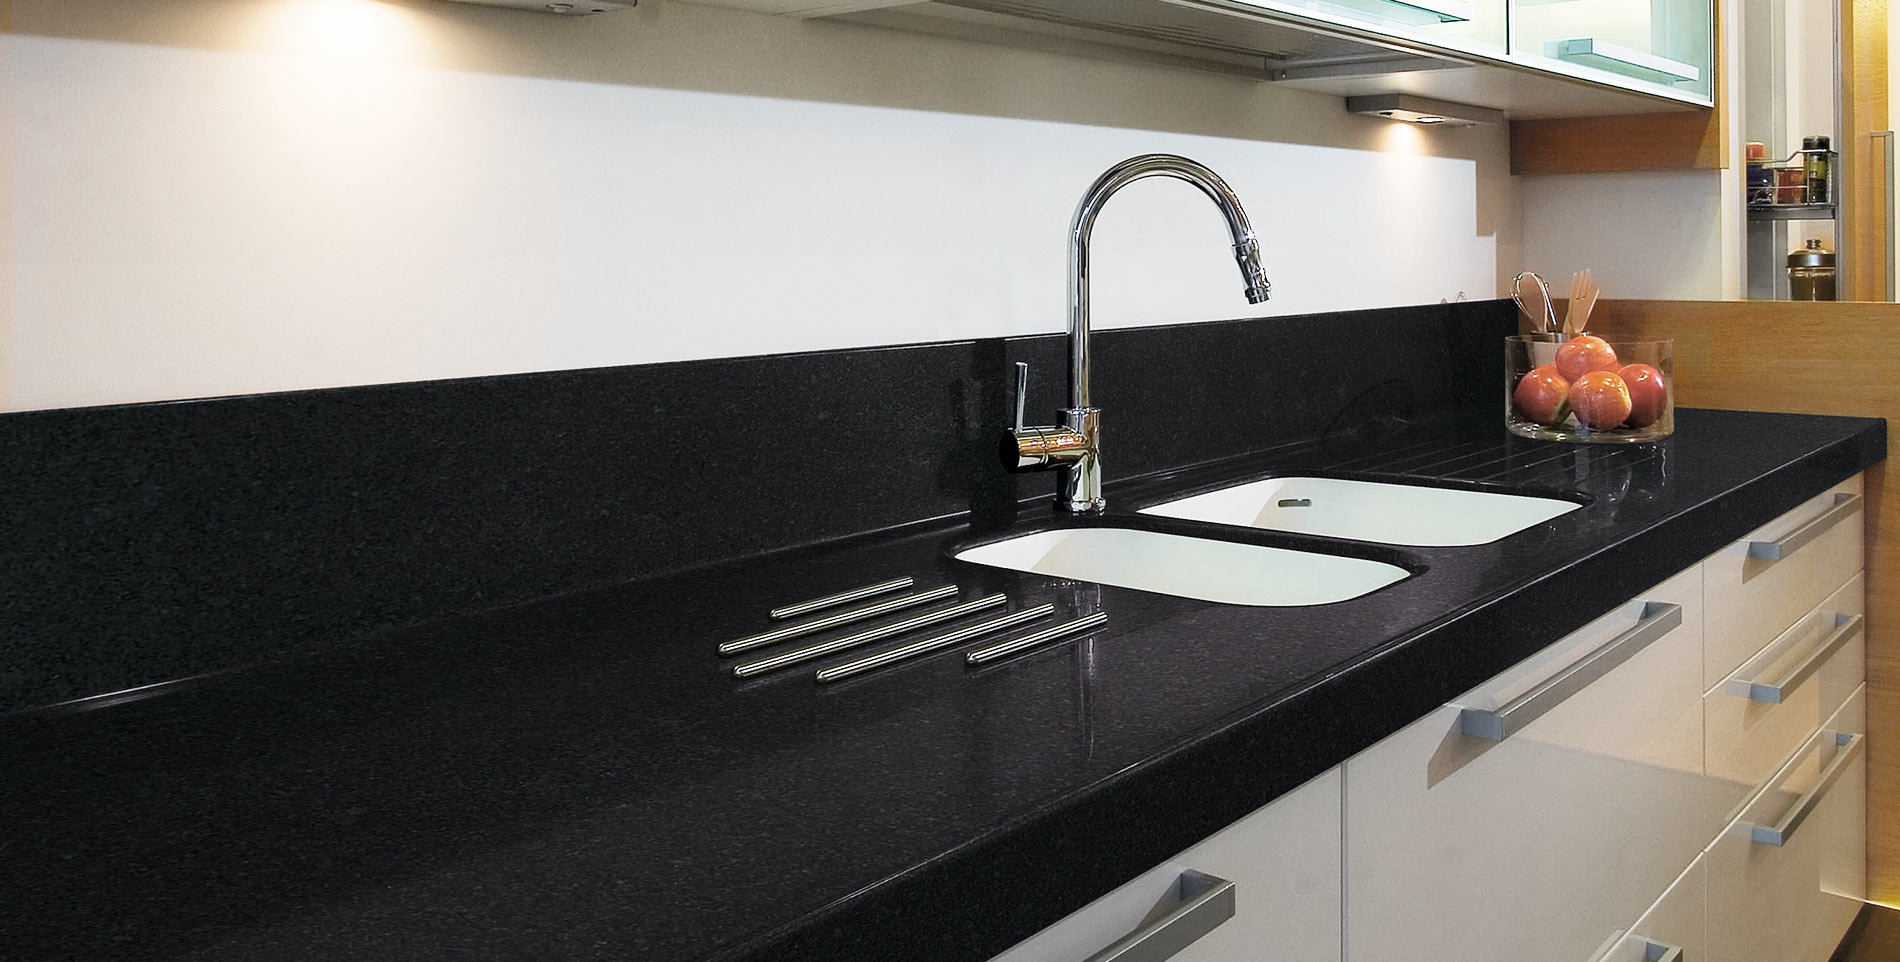 Cocinas con encimera negra elegant proyecto cocina diseo for Cocina negra ikea